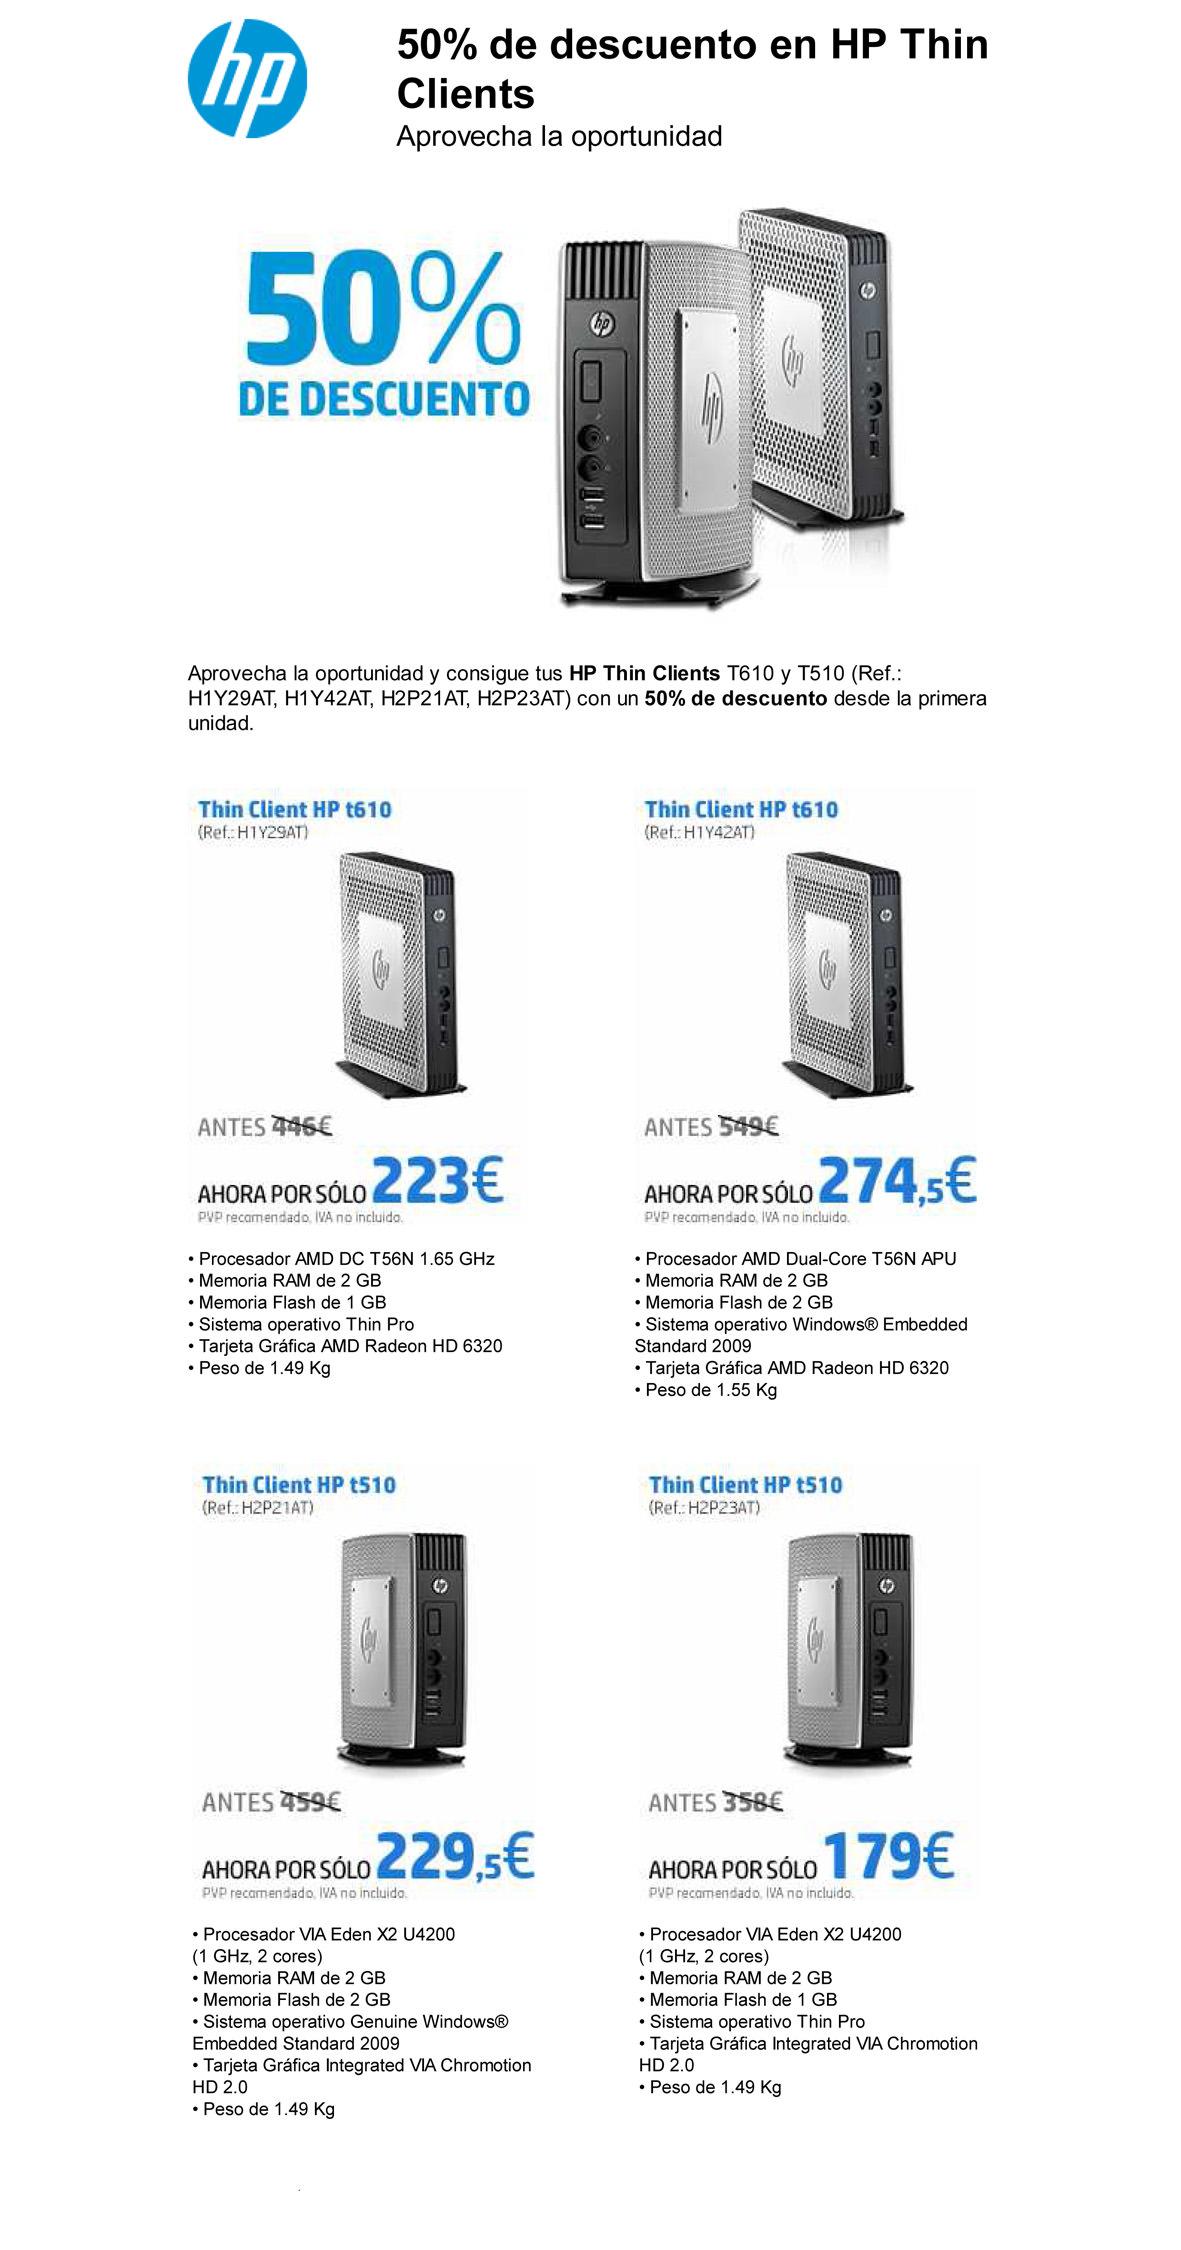 HP eCommunication Tool - Ahora, y hasta fin de existencias, tu T